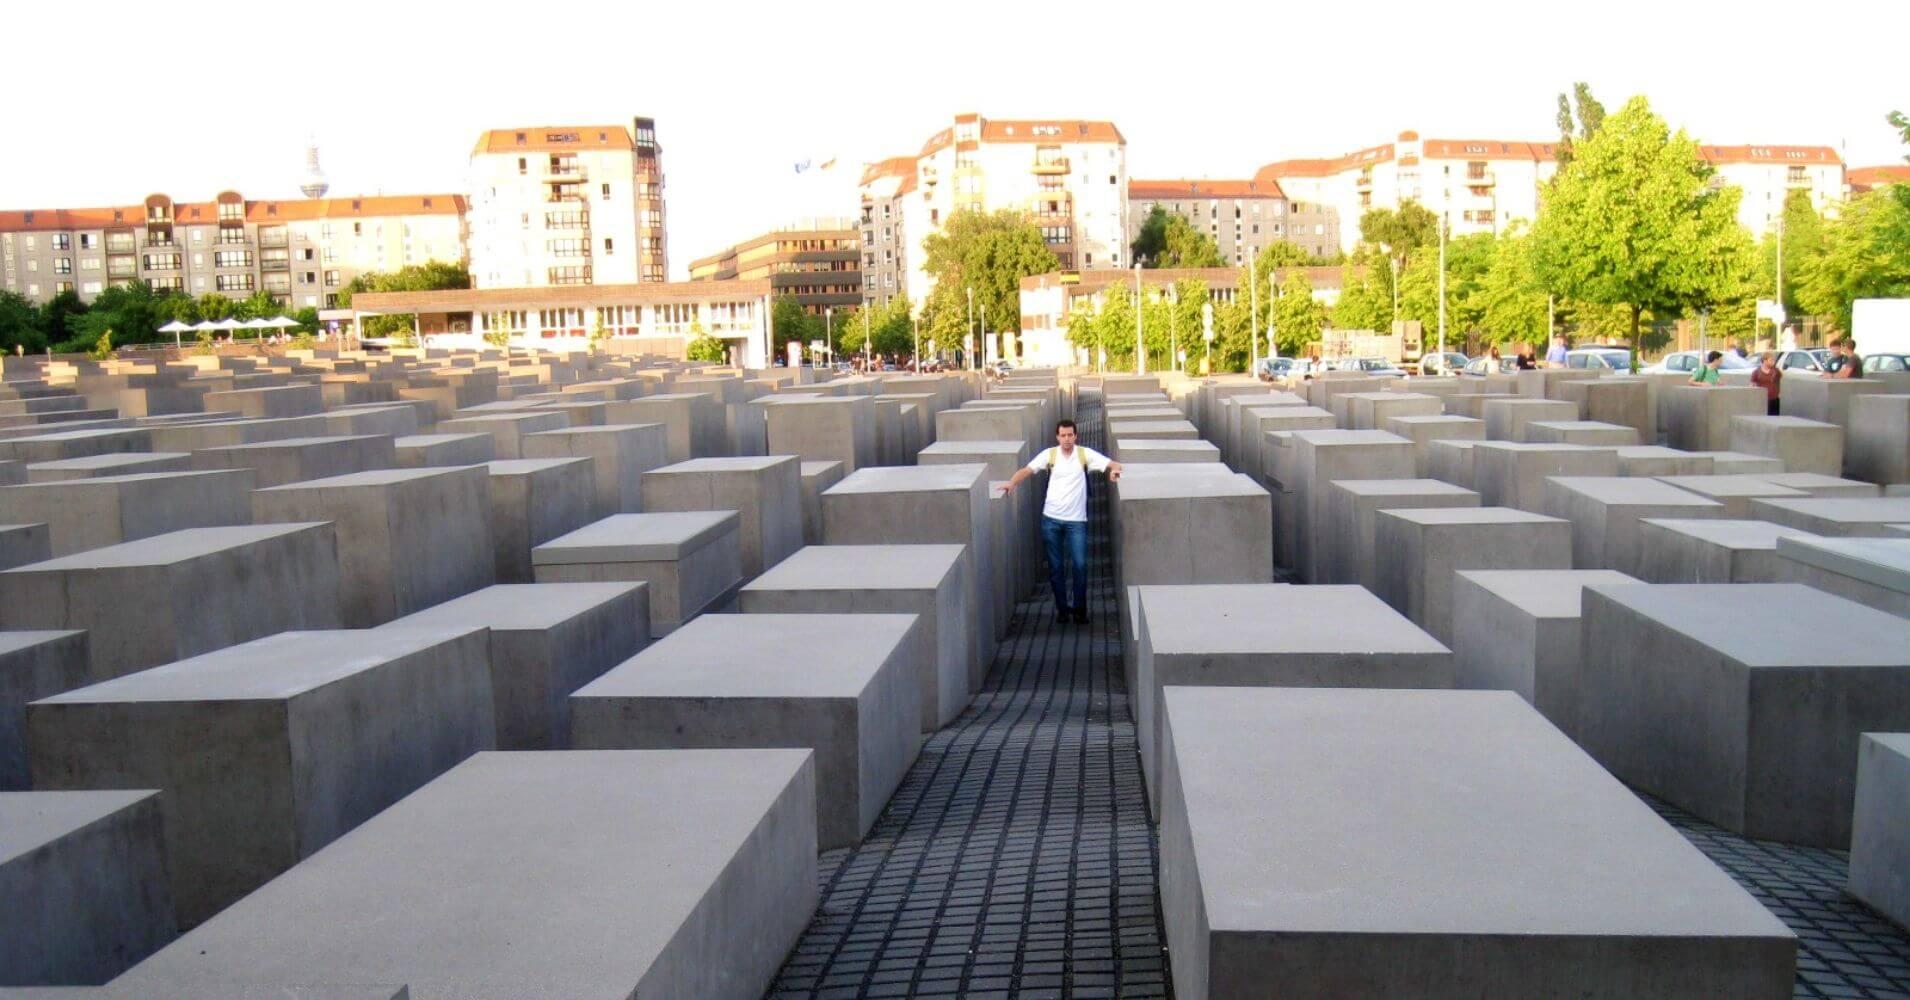 Monumento al Holocausto en Berlín, Alemania.